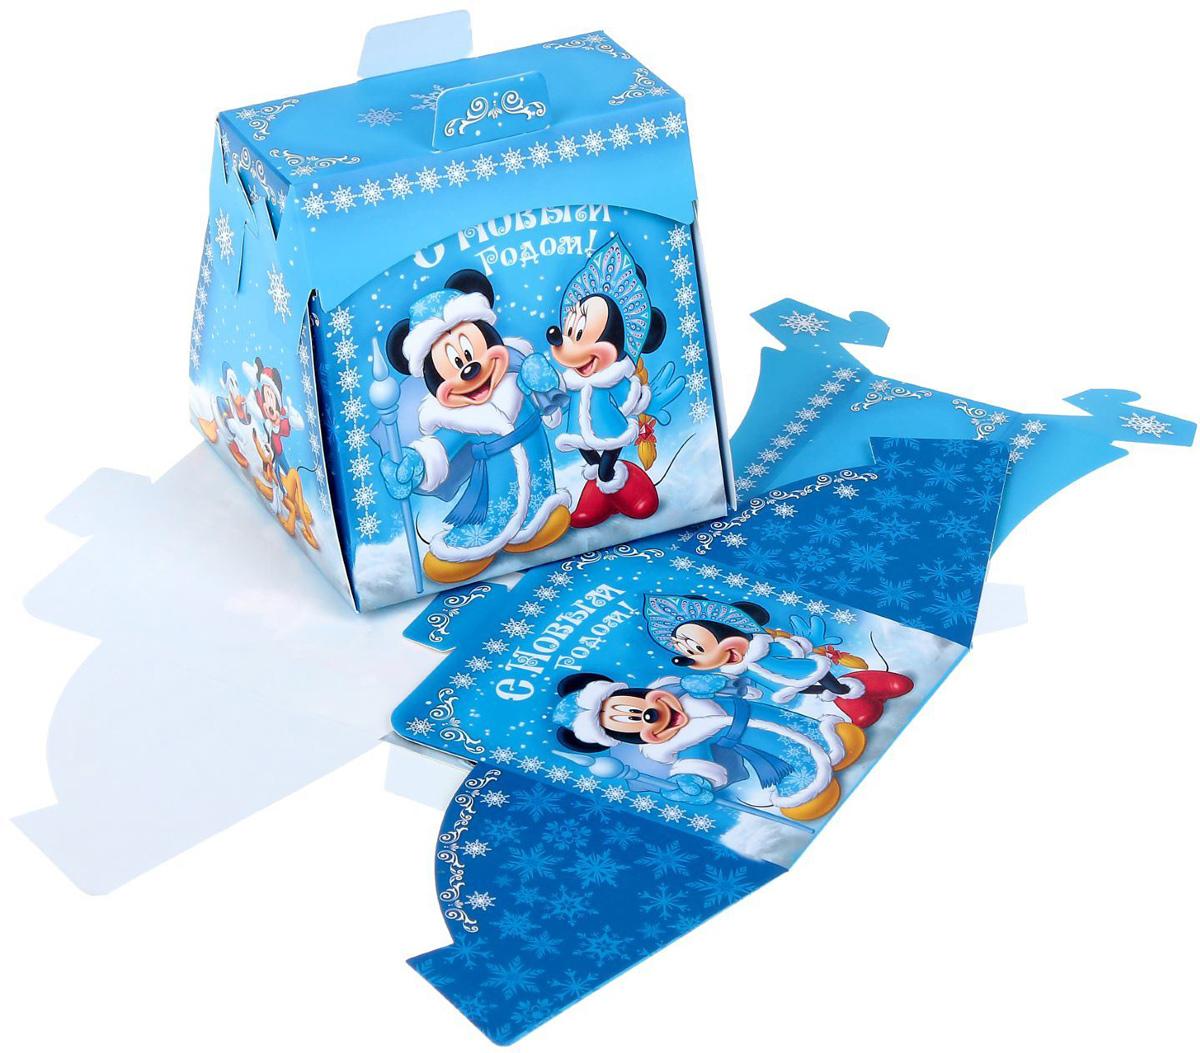 Коробка складная Disney Радости! Микки Маус и друзья, 11,5 х 11,5 х 11,5 см1398647Коробка складная Disney Радости! Микки Маус и друзья выполнена из картона. Любой подарок начинается с упаковки. Что может быть трогательнее и волшебнее, чем ритуал разворачивания полученного презента. И именно оригинальная, со вкусом выбранная упаковка выделит ваш подарок из массы других. Она продемонстрирует самые теплые чувства к виновнику торжества и создаст сказочную атмосферу праздника. Размер коробки в сложенном виде: 11,5 х 11,5 х 11,5 см.